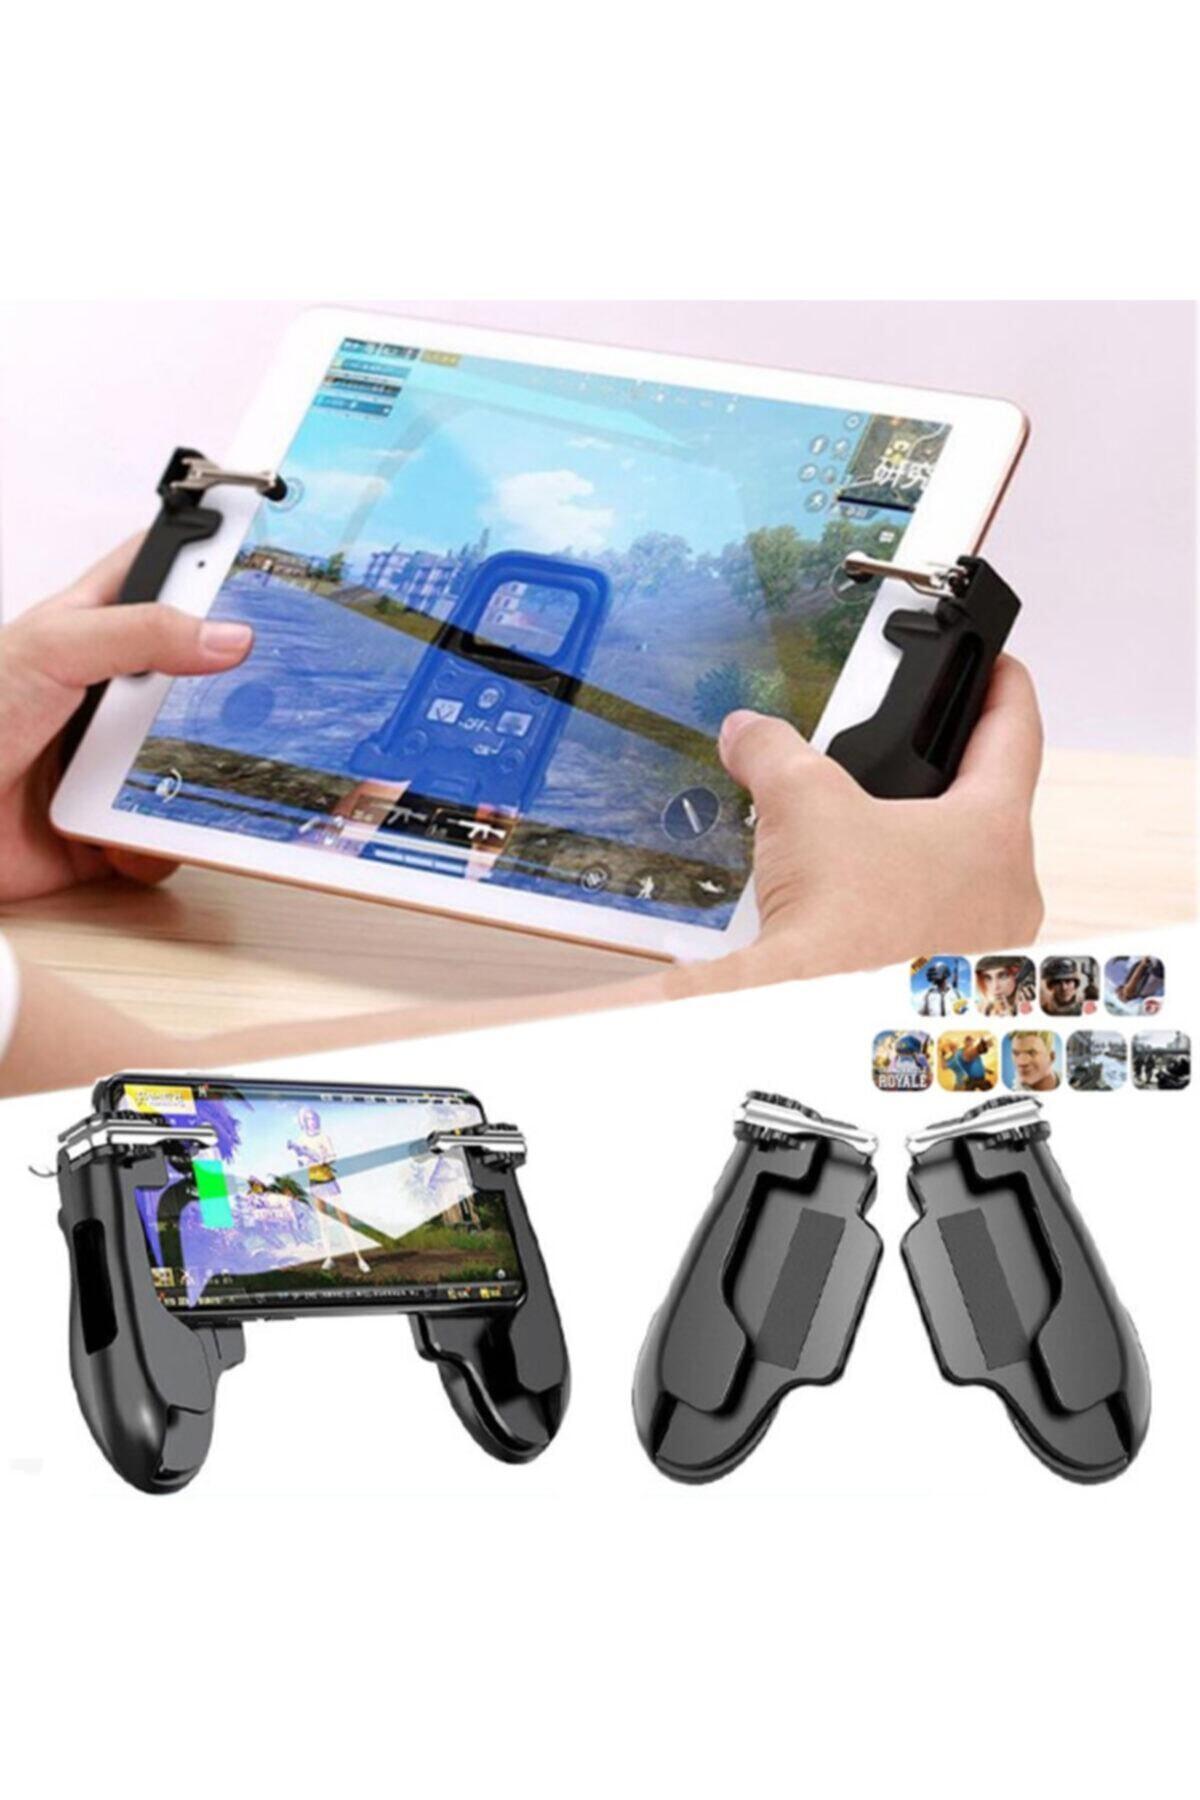 Tamanstore Pubg Tablet Ve Telefon Uyumlu Tetik Aparatı Joystick Pad Game  Handle H2 Fiyatı, Yorumları - Trendyol